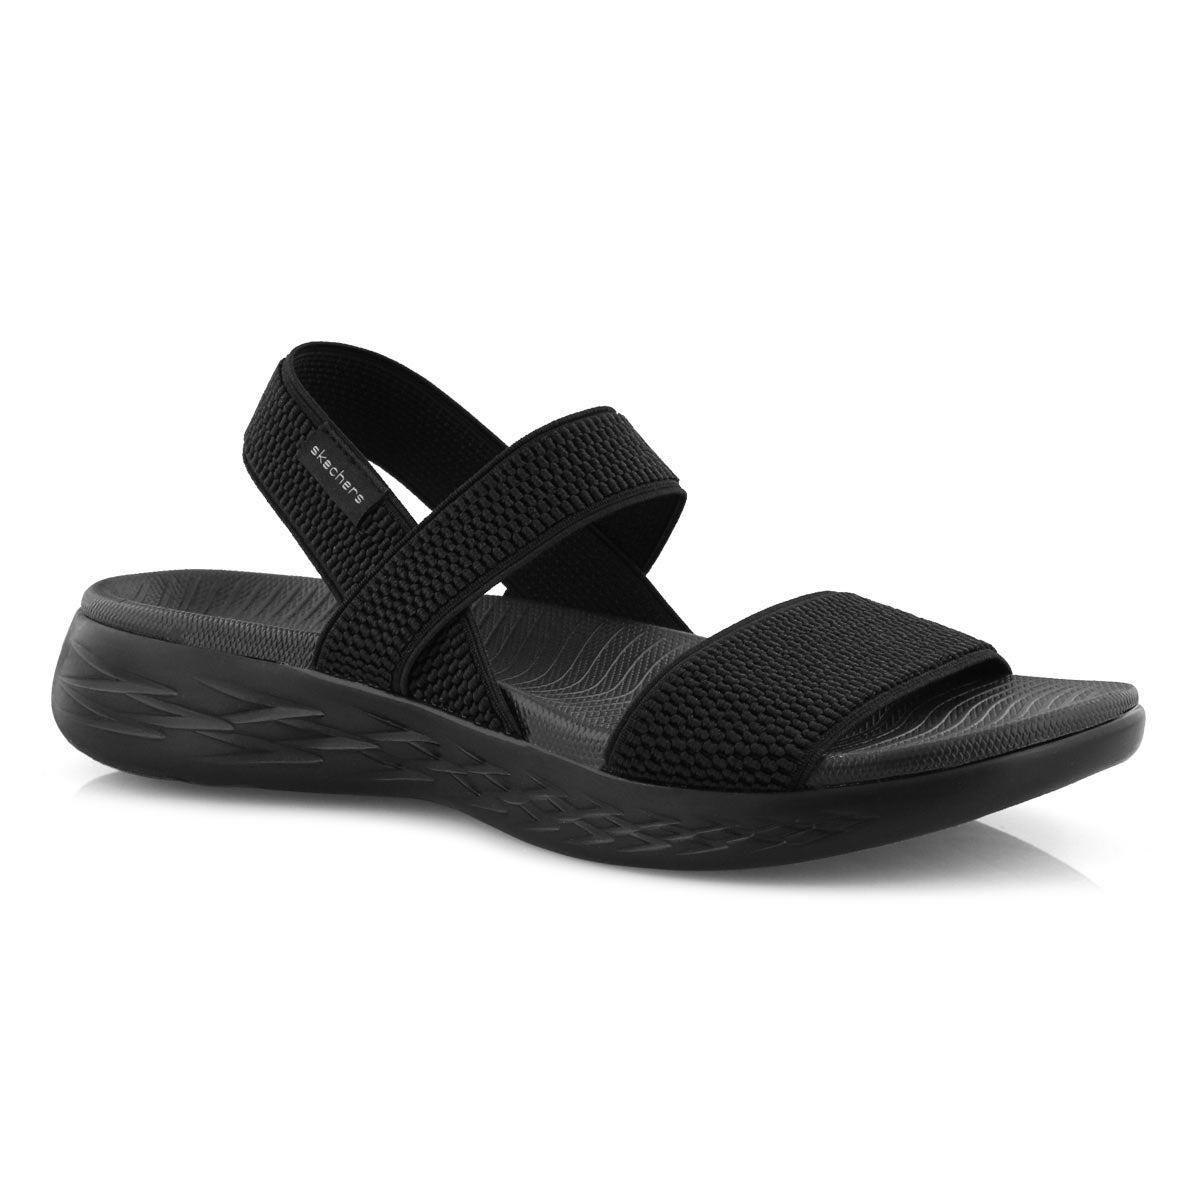 Sandales sport, ON-THE-GO 600, noires, femmes